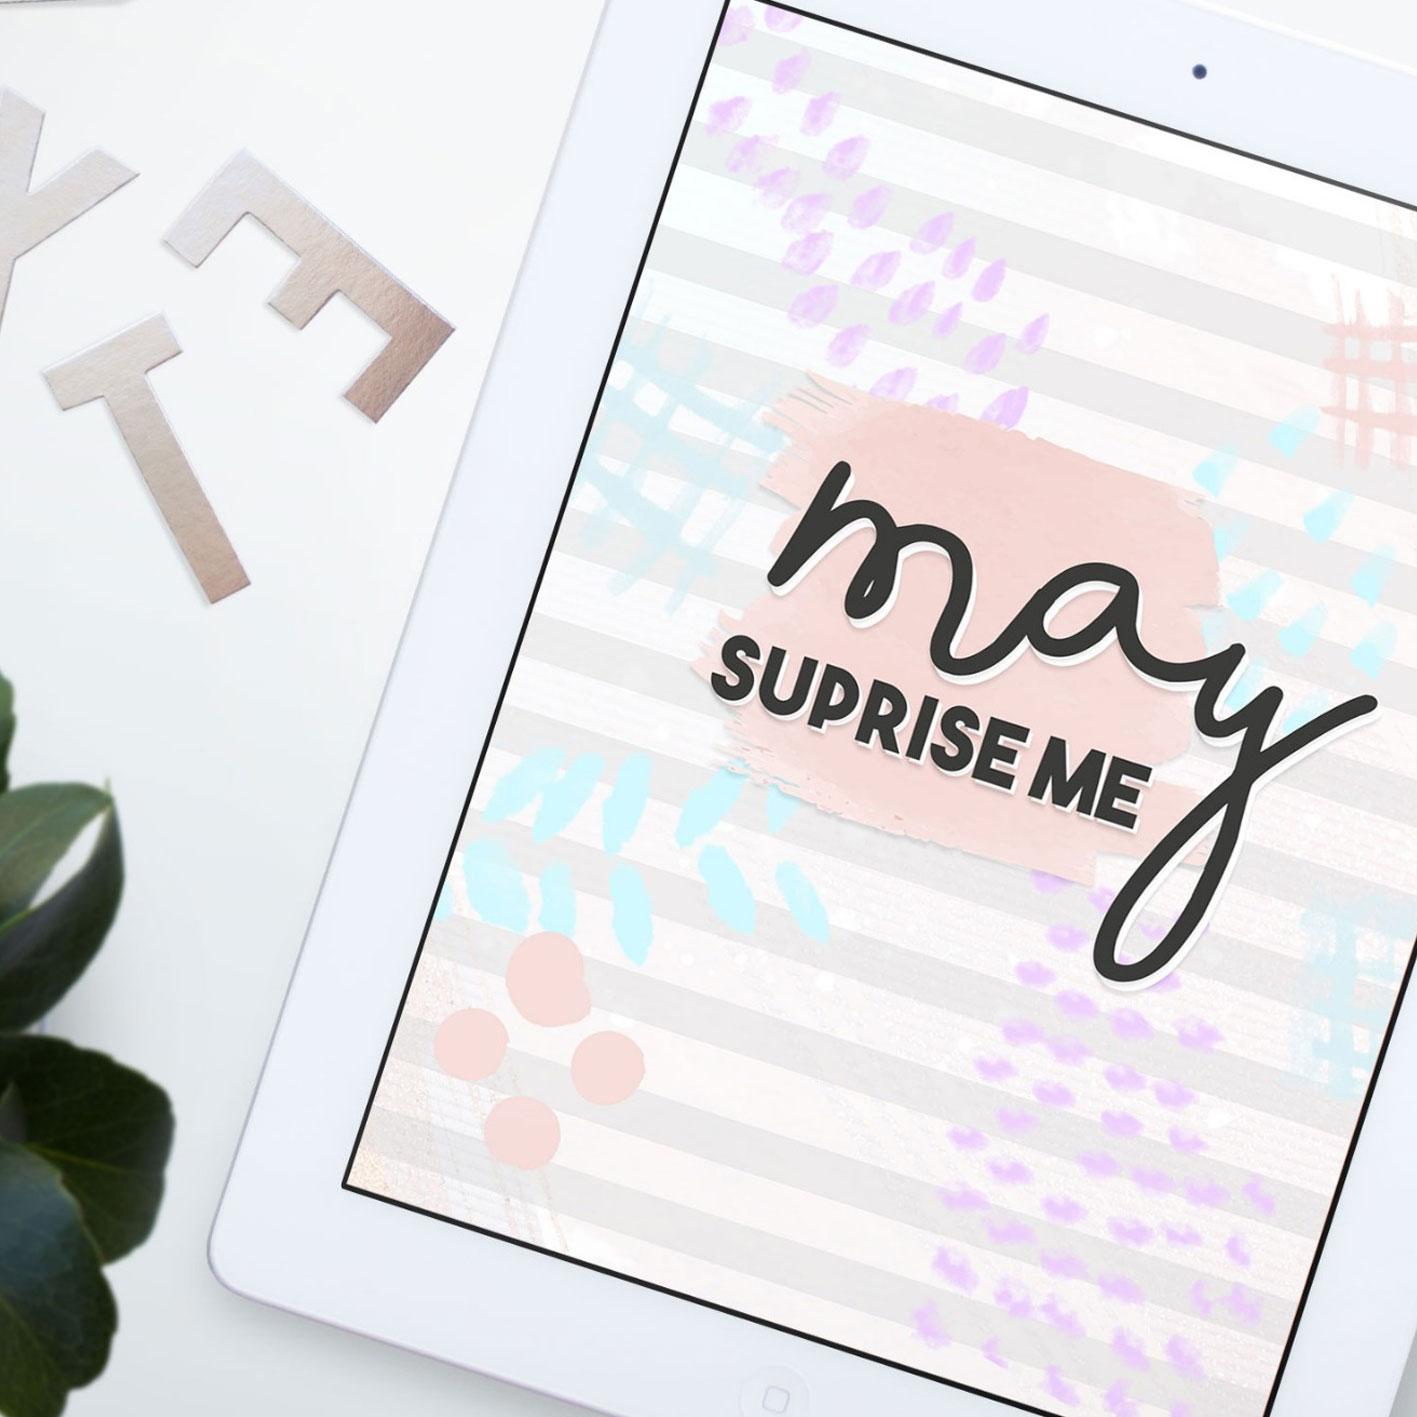 Nieuwe Stijl Grafische Vormgeving Putten Ontwerp Goedkoop Reclame Veluwe Logo Drukwerk Wallpaper Illustratie iPad mei